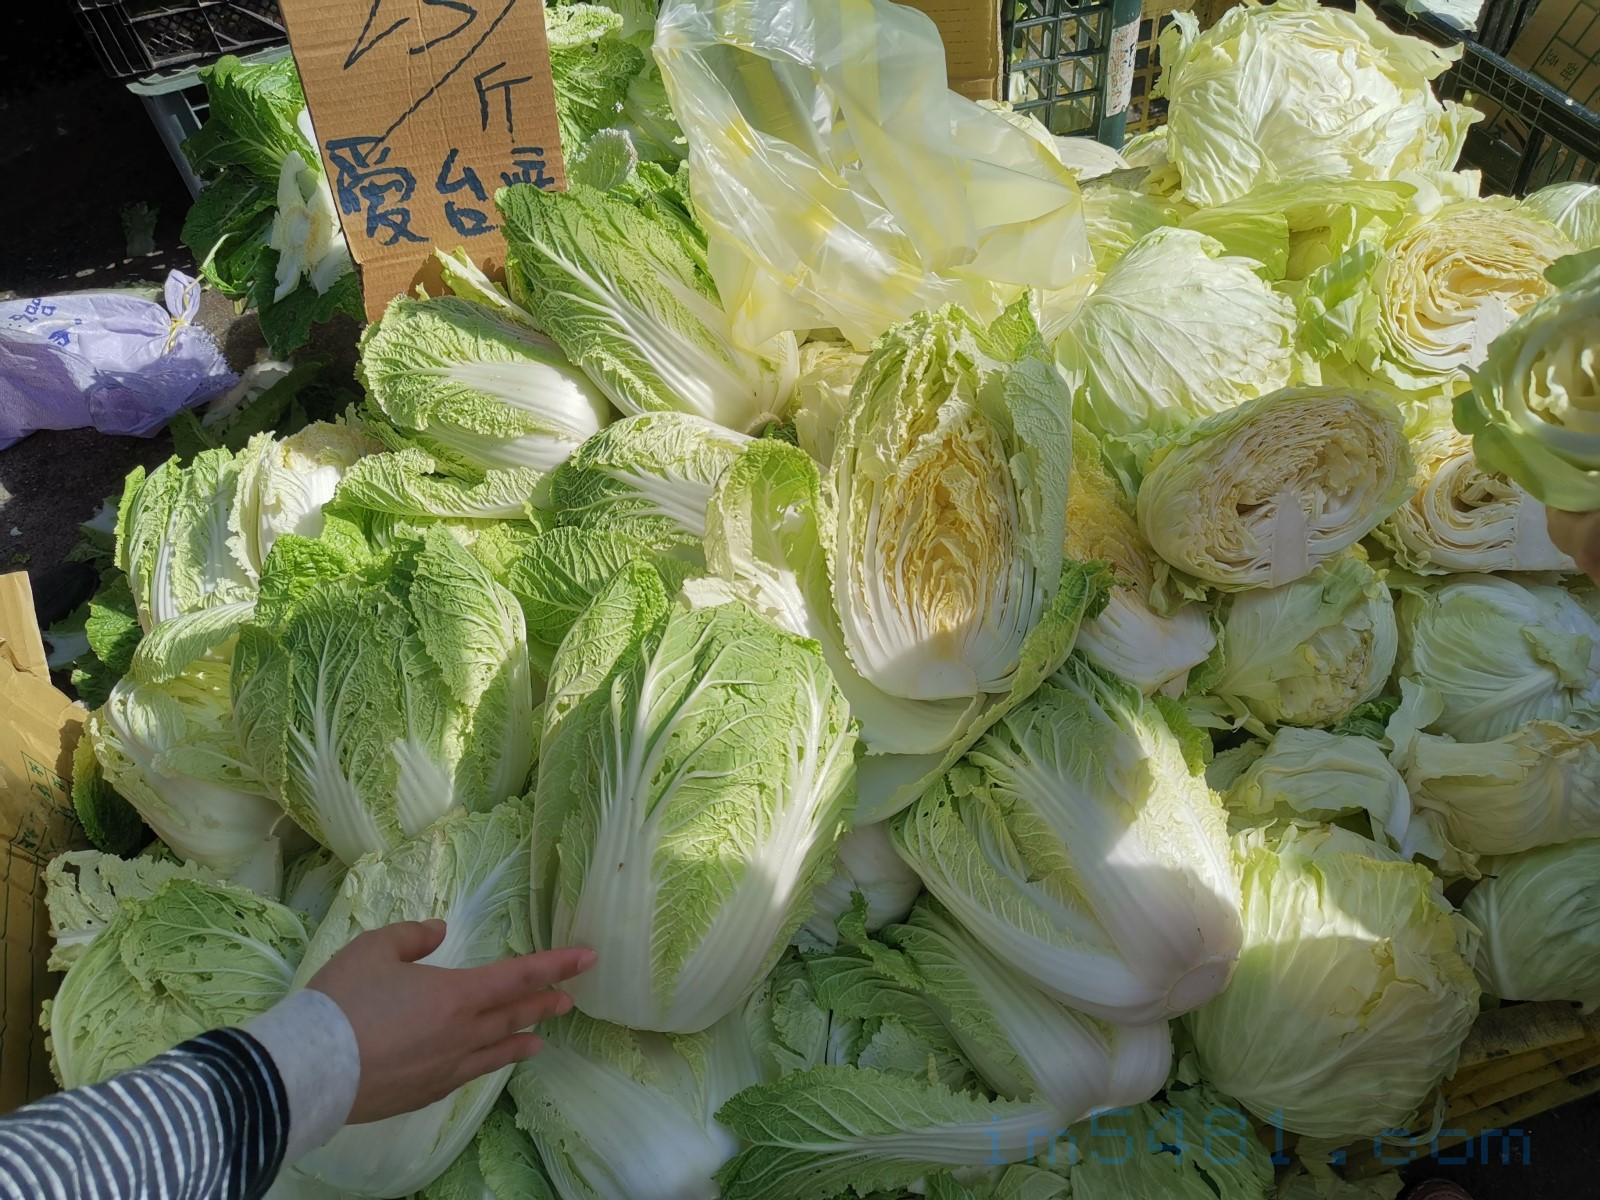 1臺斤25的台灣白菜跟高麗菜,攤販說黃心的就是高山蔬菜的證明